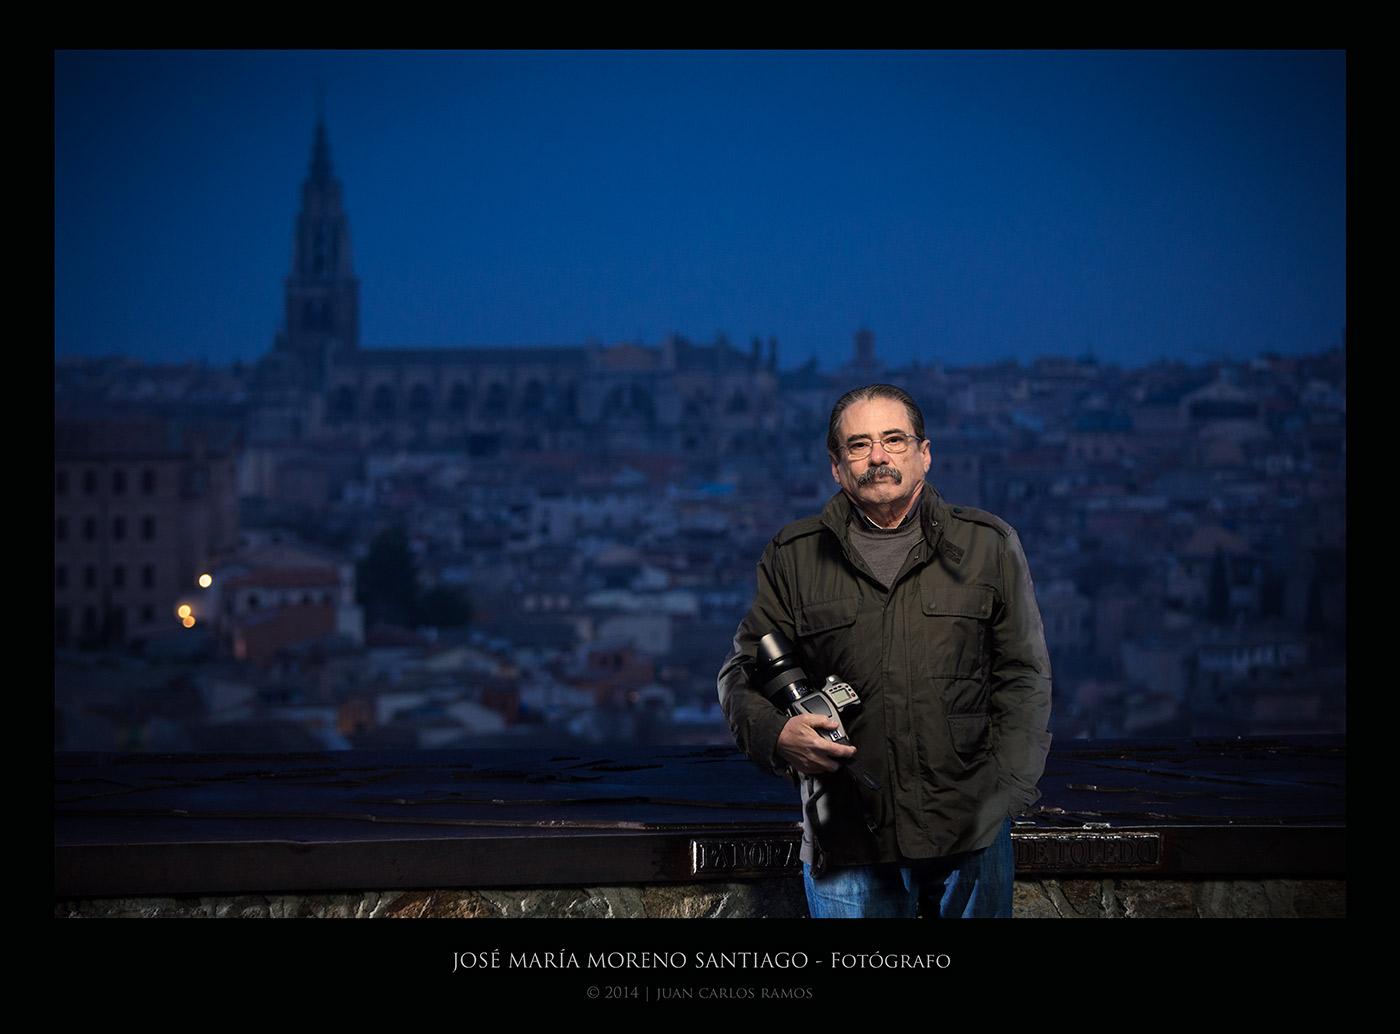 JOSE MARIA MORENO SANTIAGO POR JUAN CARLOS RAMOS FOTOGRAFO RETRATO TOLEDO